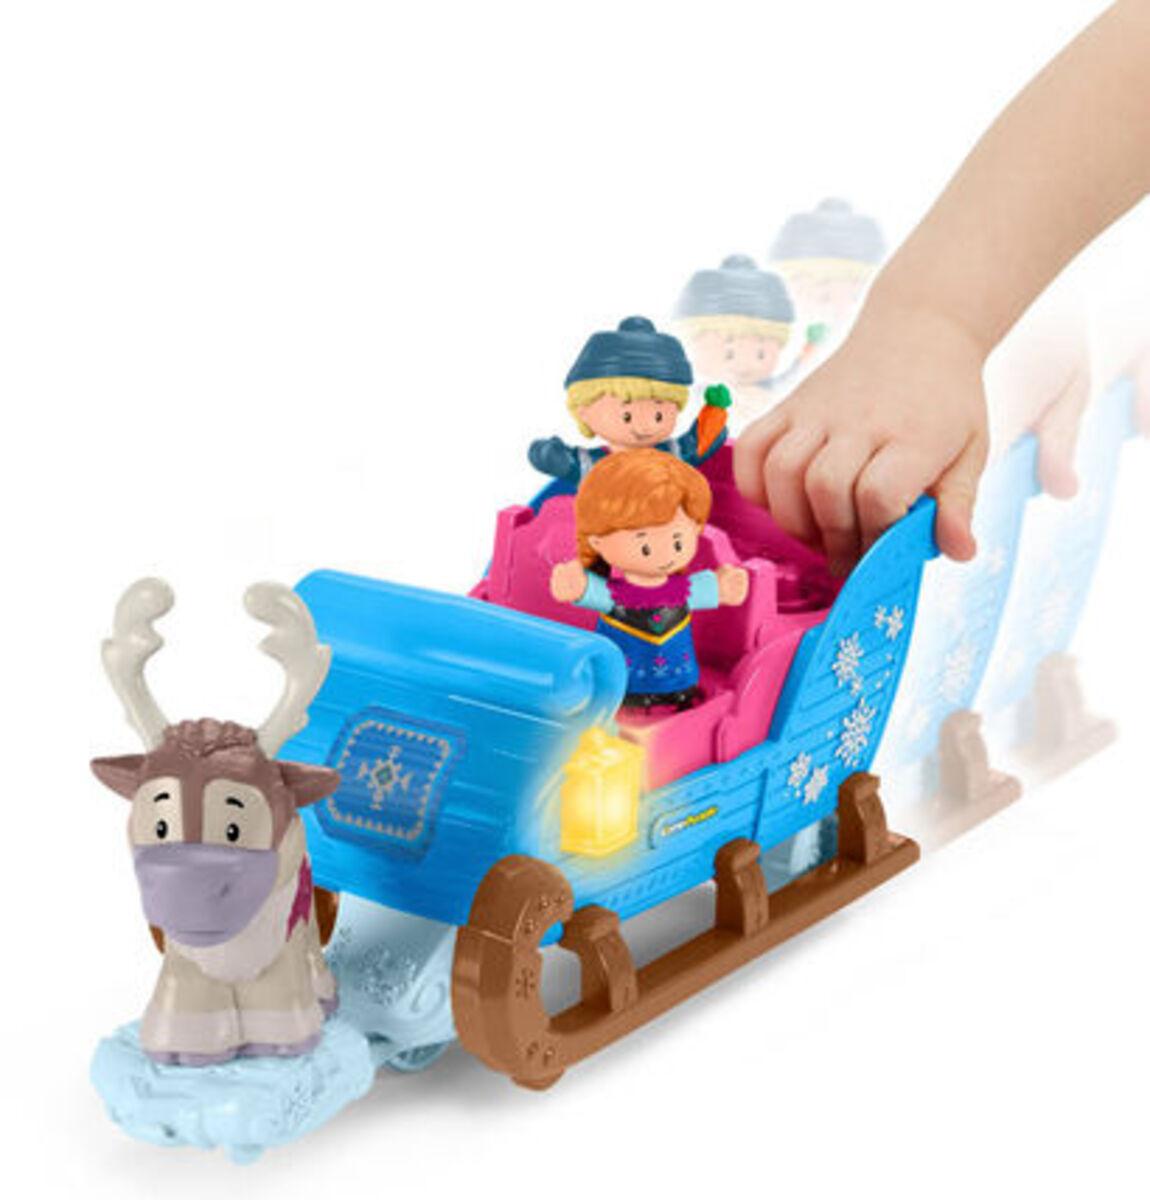 """Bild 3 von Mattel Figuren Set Kristoffs Schlitten """"Disney Die Eiskönigin"""""""